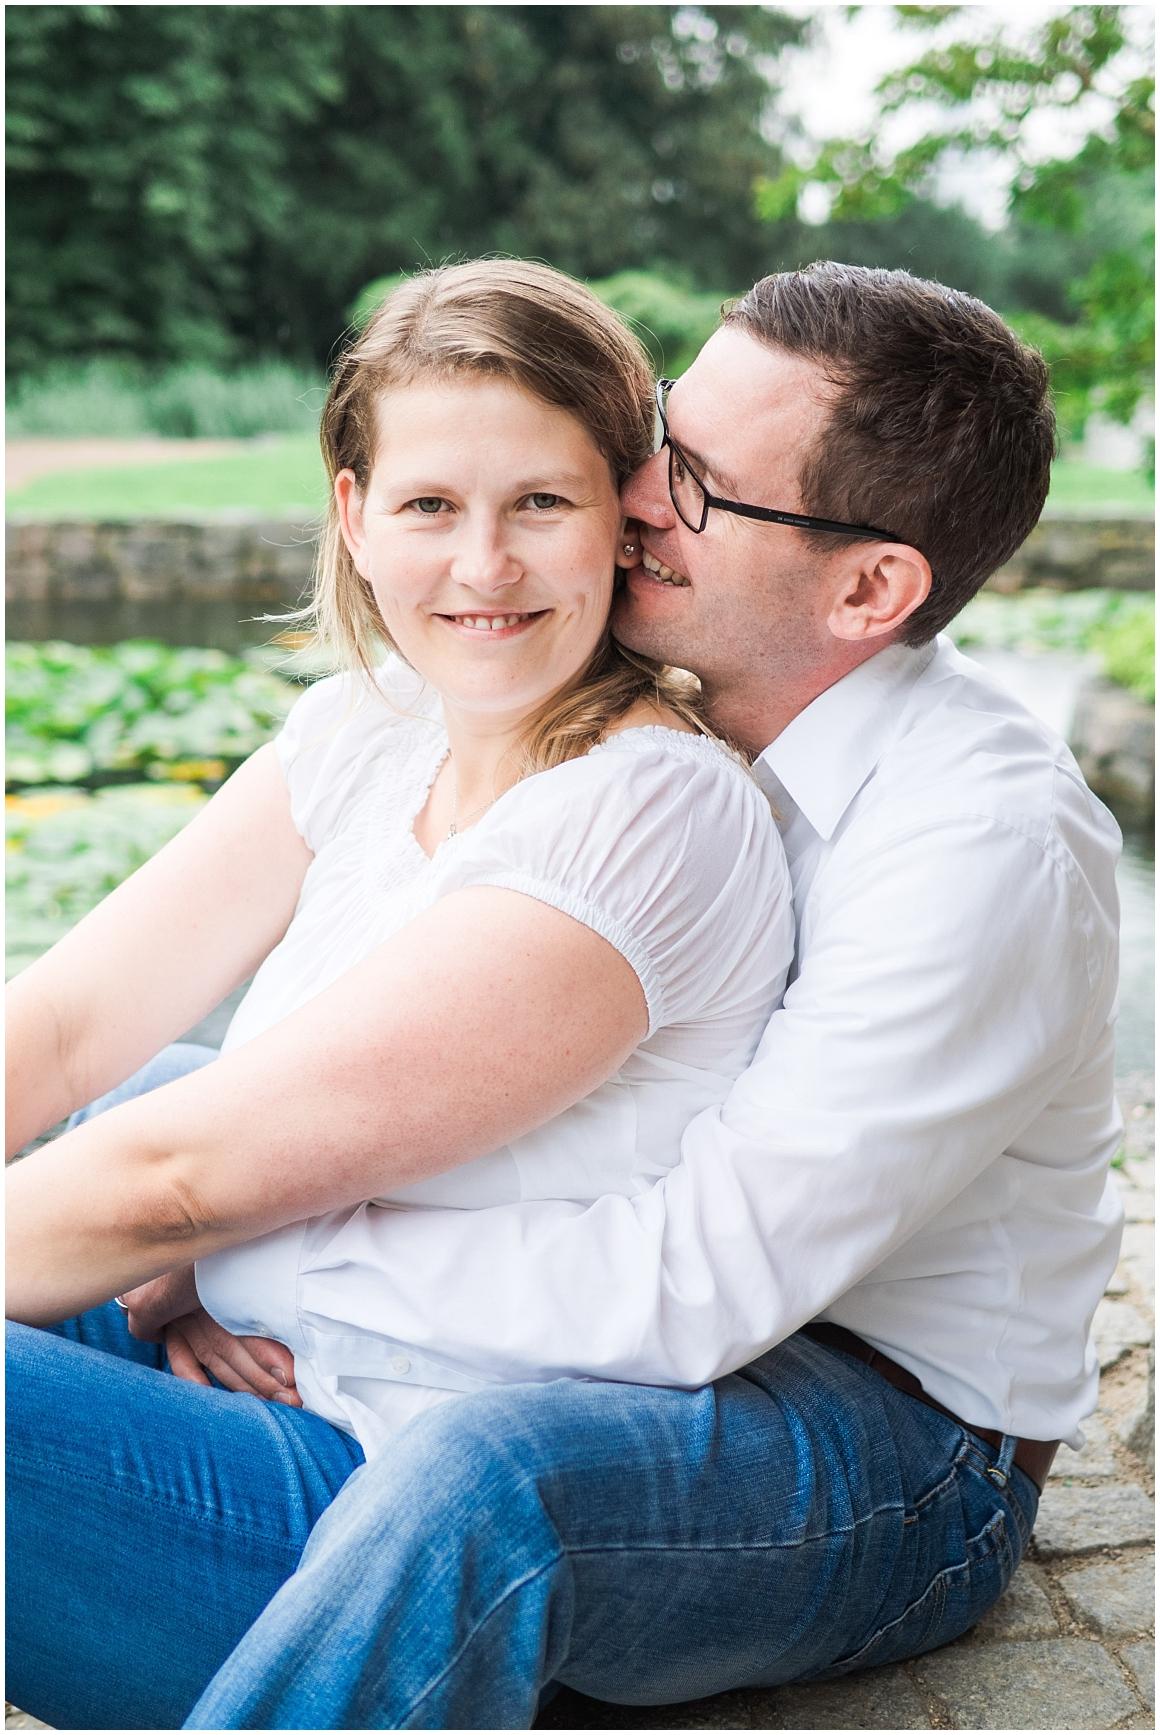 portraitfotos-familie-familienfotograf-familienfotos-familienbilder-münchen-by-katrin-kind-photography_0010.jpg